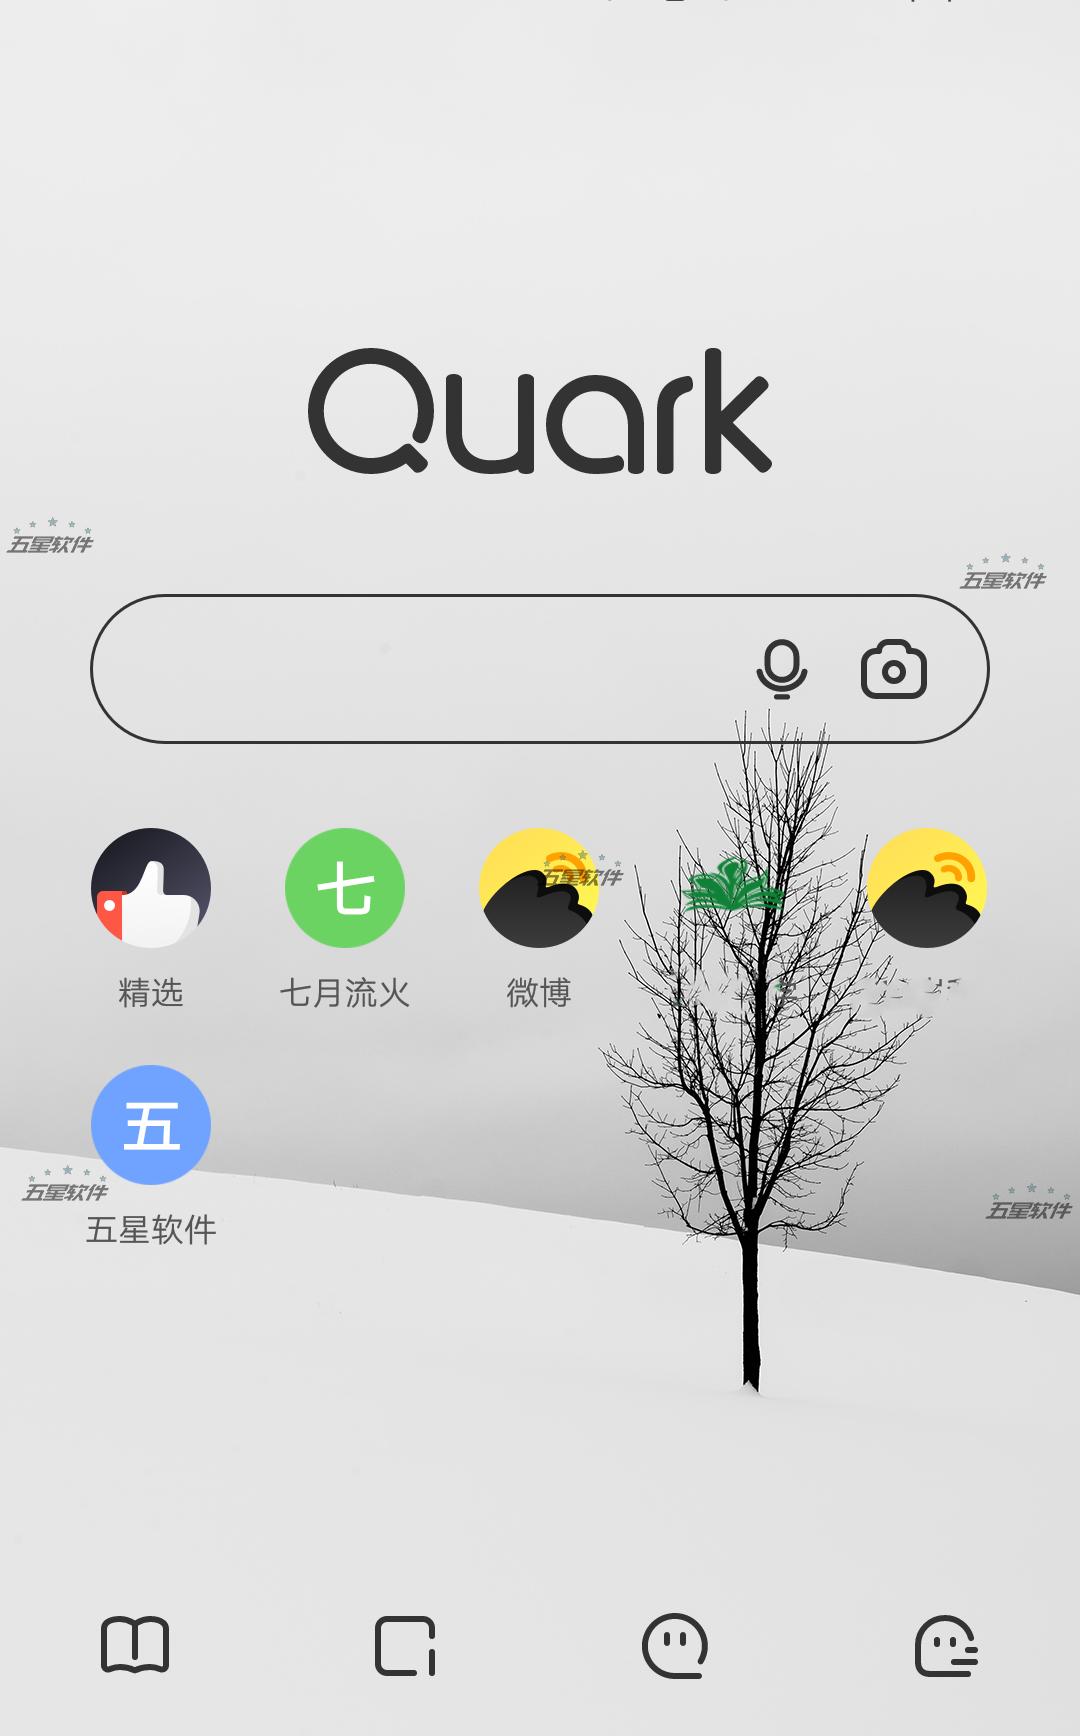 夸克浏览器 Quark 简洁易用的浏览器